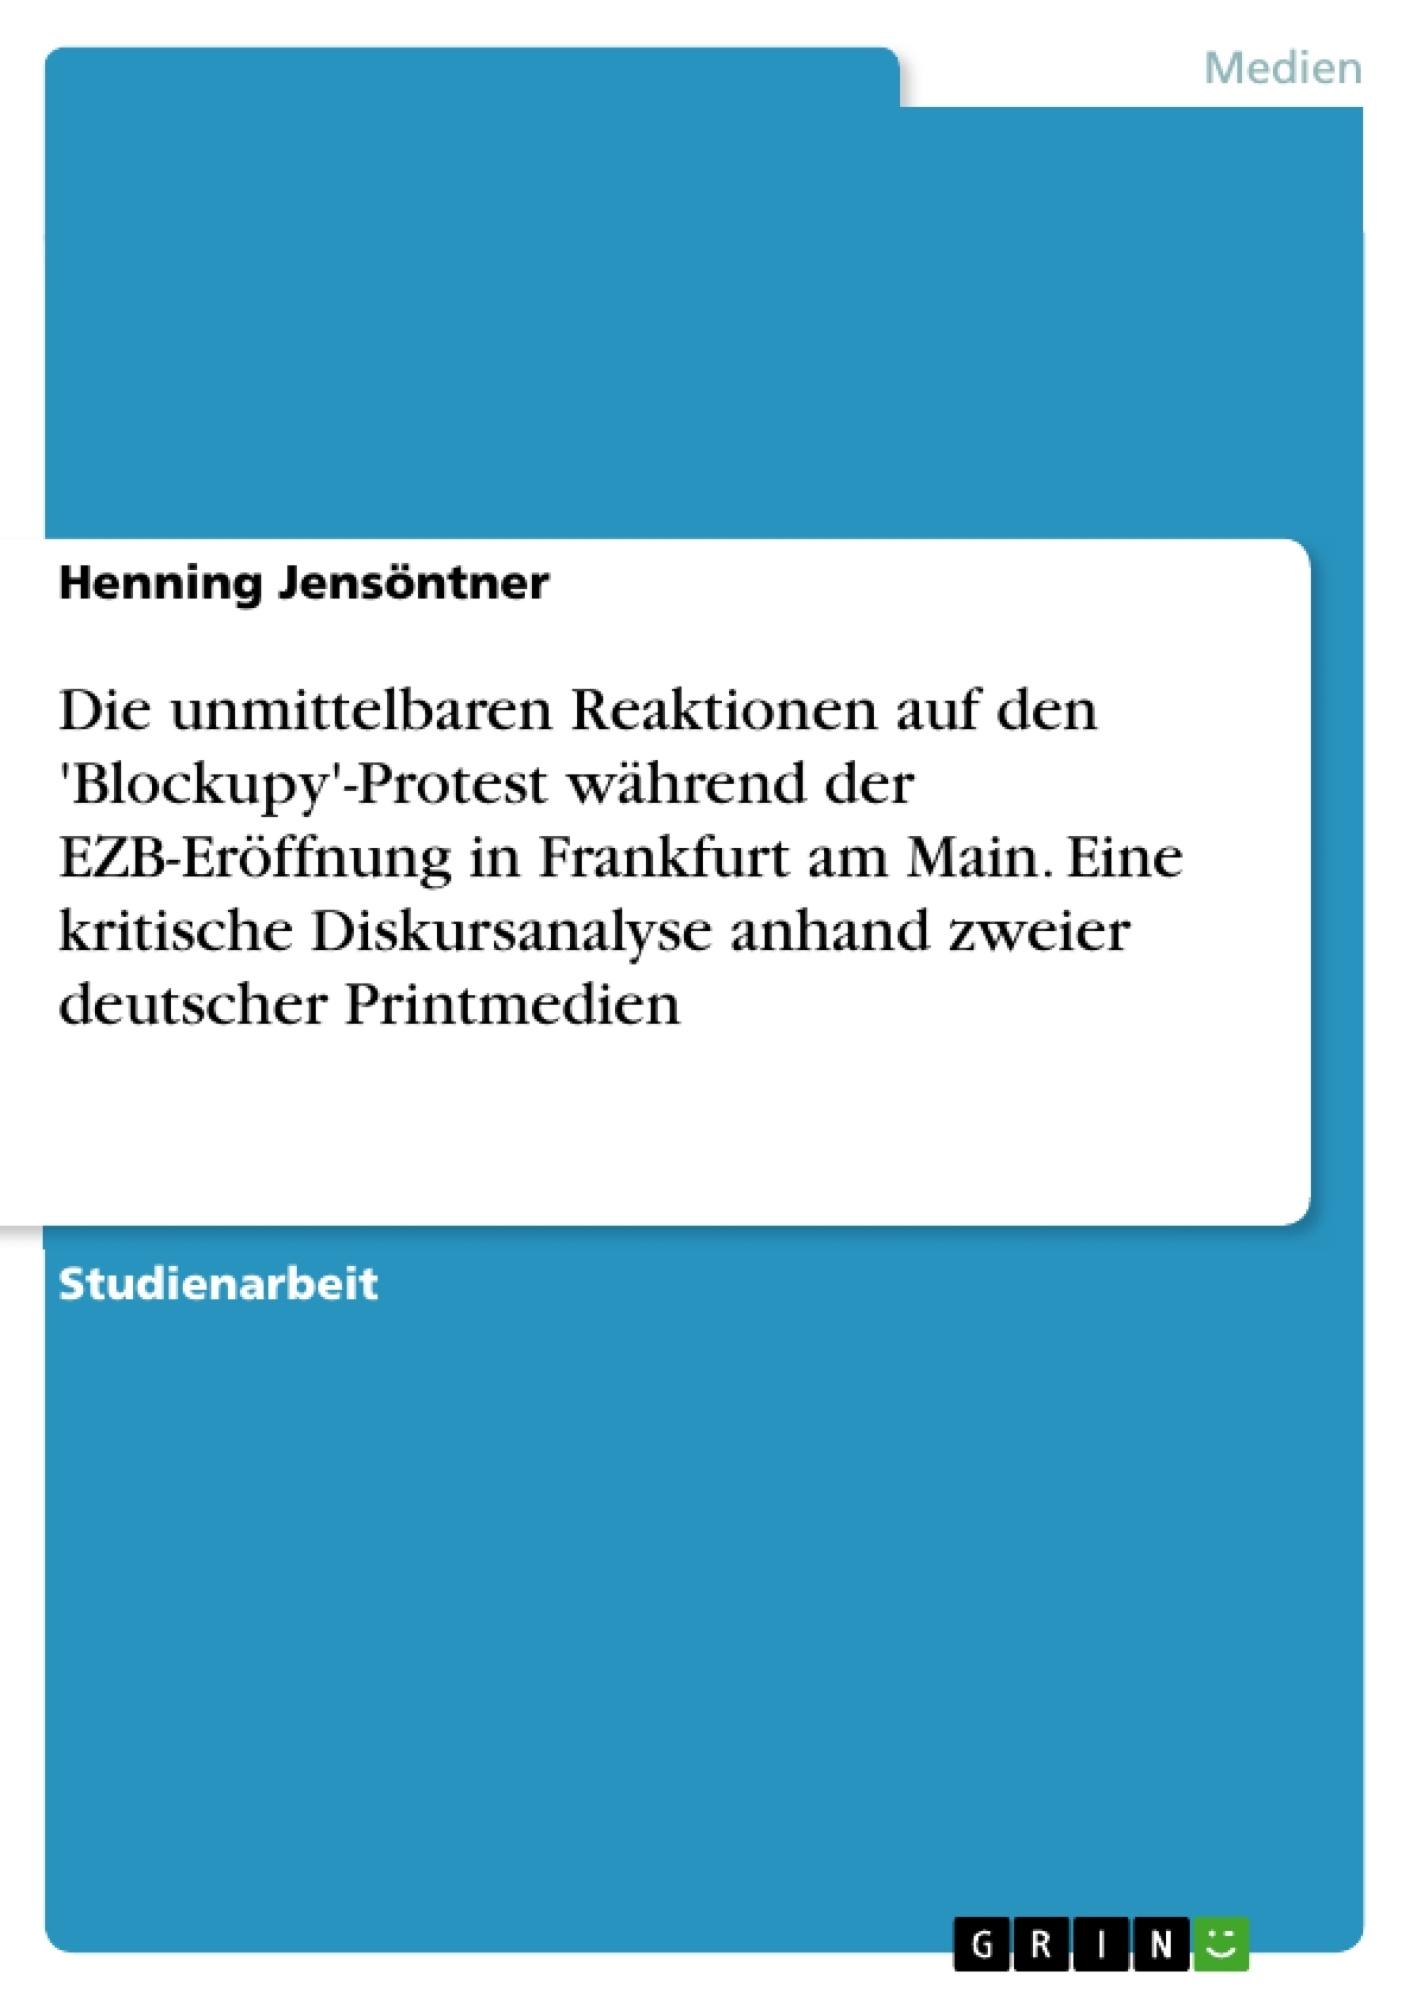 Titel: Die unmittelbaren Reaktionen auf den 'Blockupy'-Protest während der EZB-Eröffnung in Frankfurt am Main. Eine kritische Diskursanalyse anhand zweier deutscher Printmedien